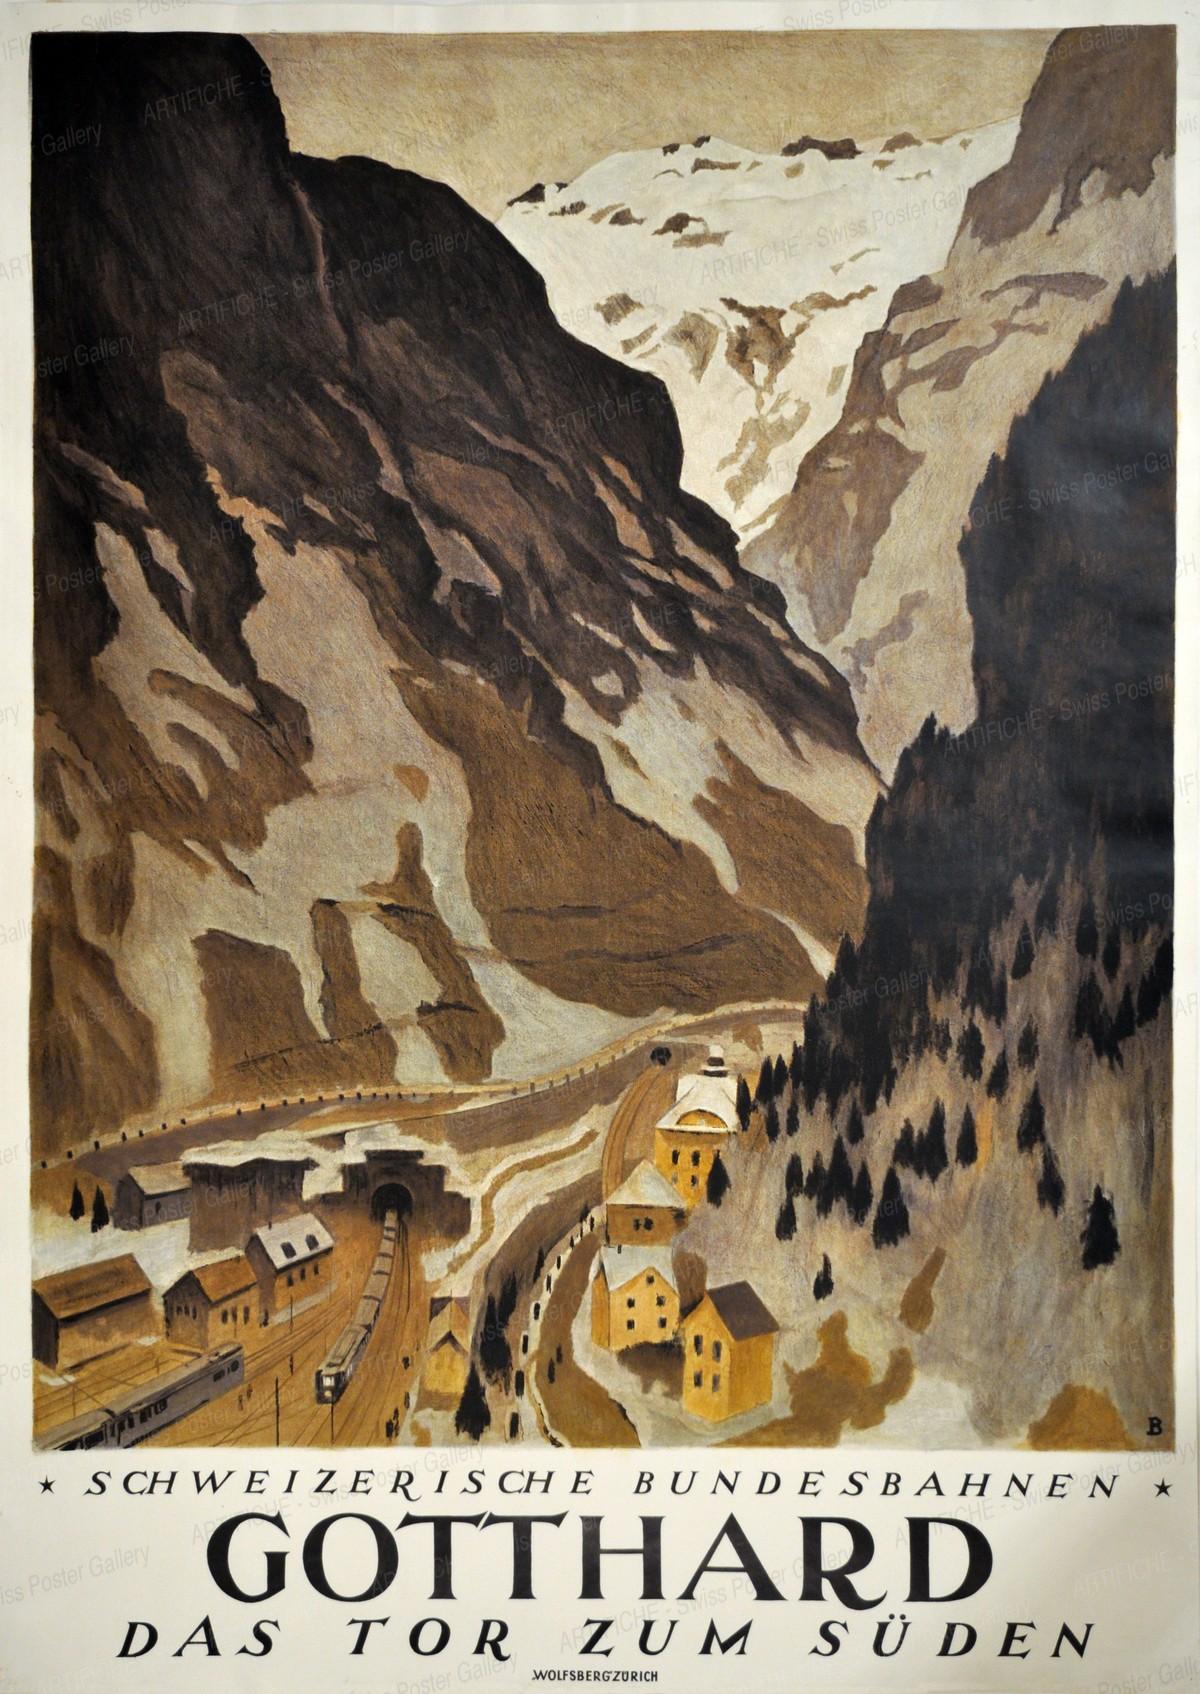 GOTTHARD – Das Tor zum Süden – Schweizerische Bundesbahnen, Otto Baumberger